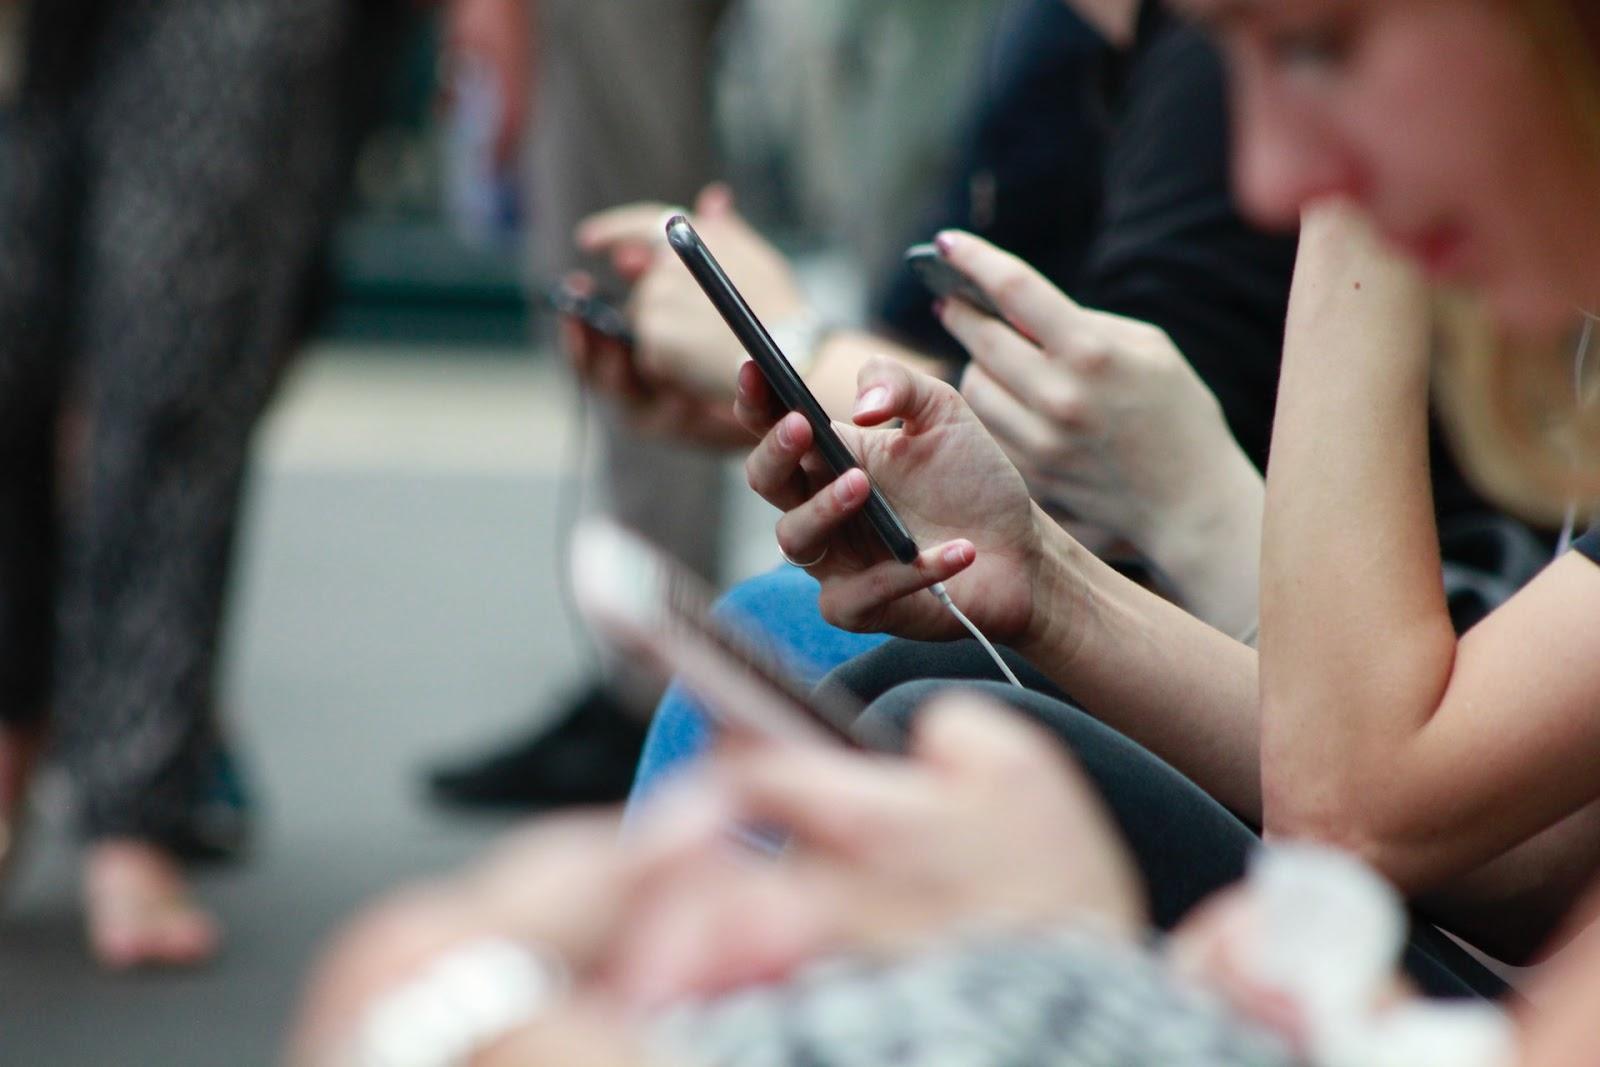 La promotion de produits à risque  pour un influenceur de réseaux sociaux